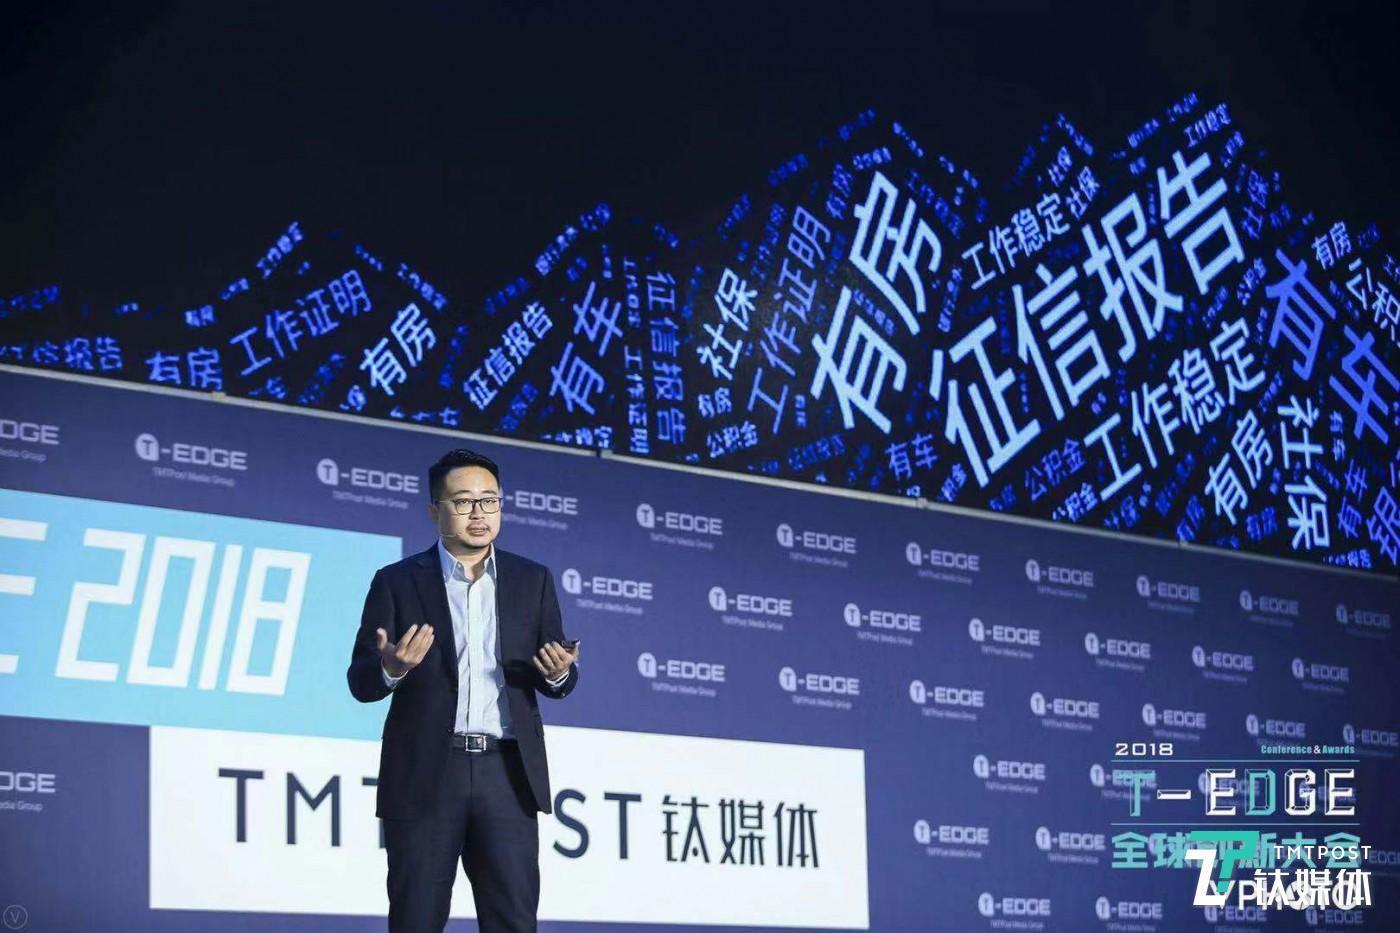 智融集团CEO焦可在T-EDGE全球创新大会上演讲